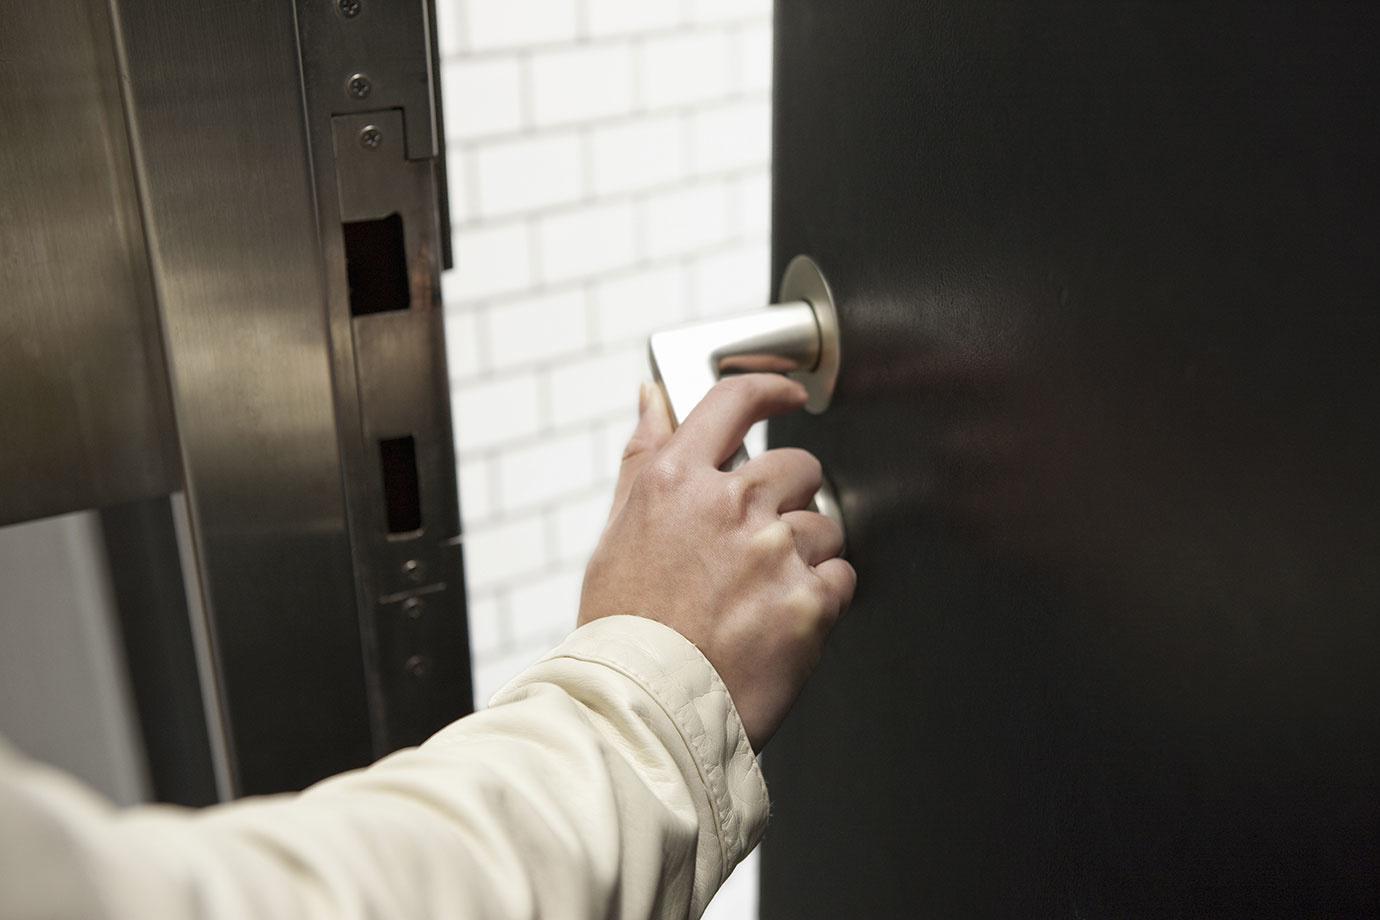 カードキーと普通の鍵はどちらの方が防犯性が高いの?メリットと注意点まとめ